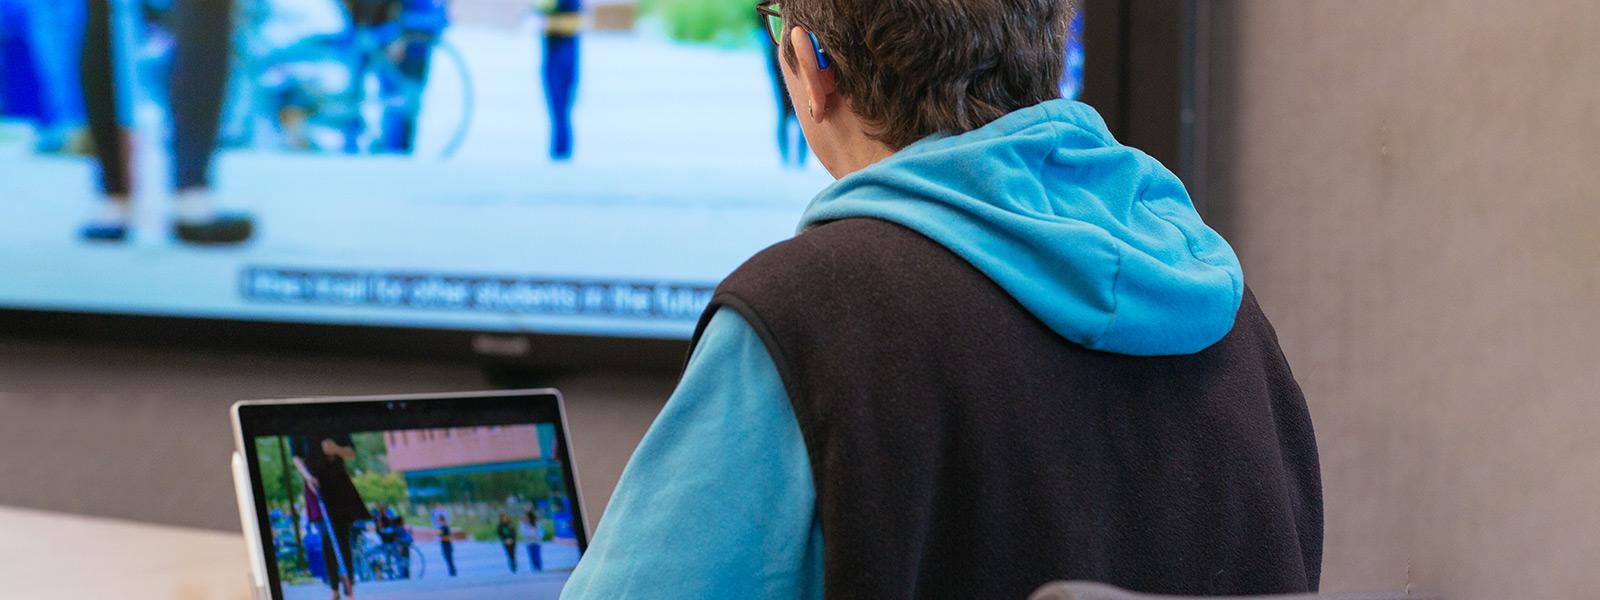 Une femme qui utilise une prothèse auditive regarde une présentation vidéo avec des sous-titres